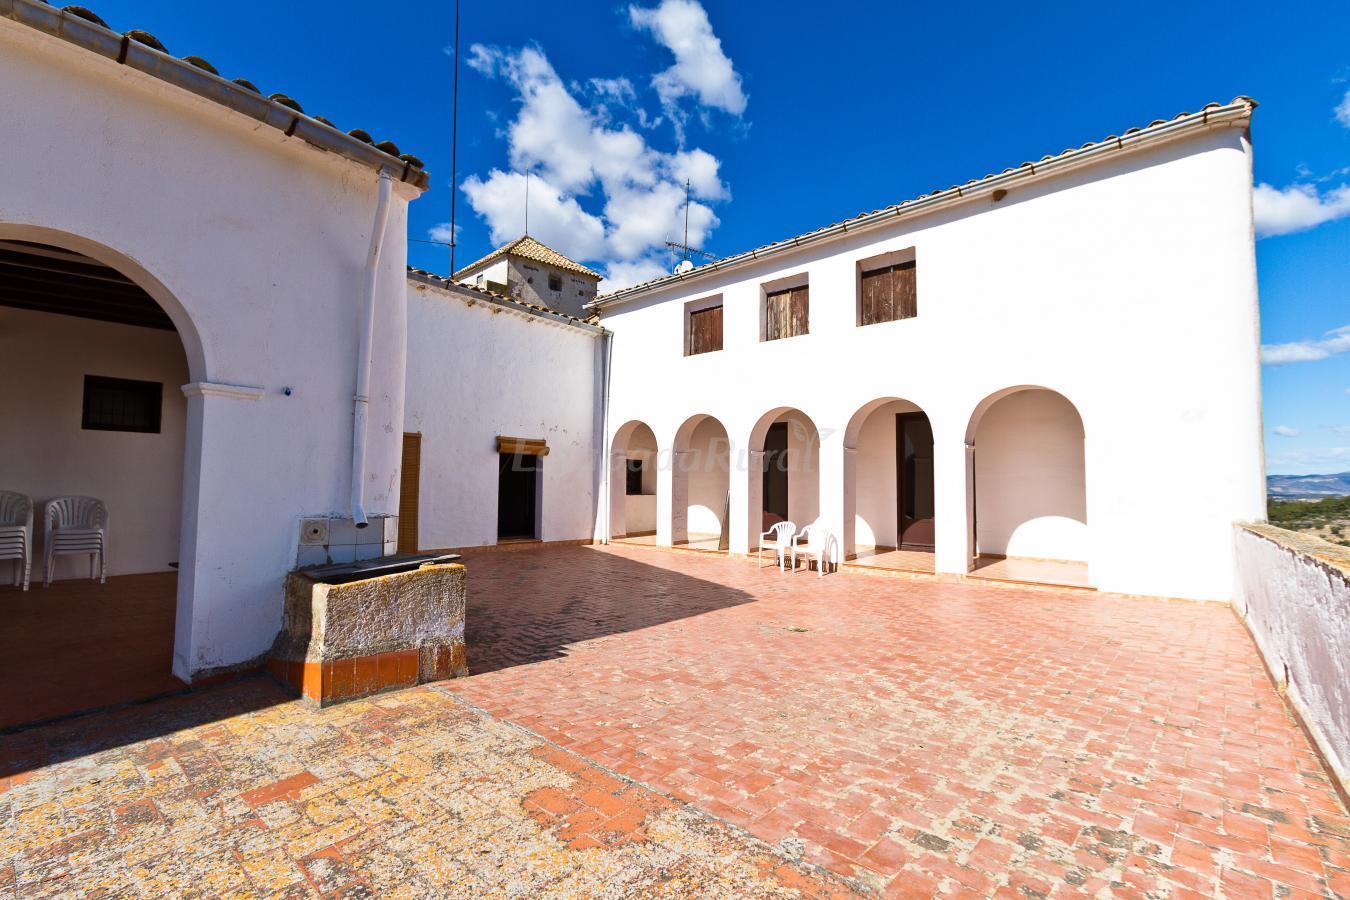 Fotos de mas d 39 alerany casa rural en tivissa tarragona - Cases rurals a tarragona ...